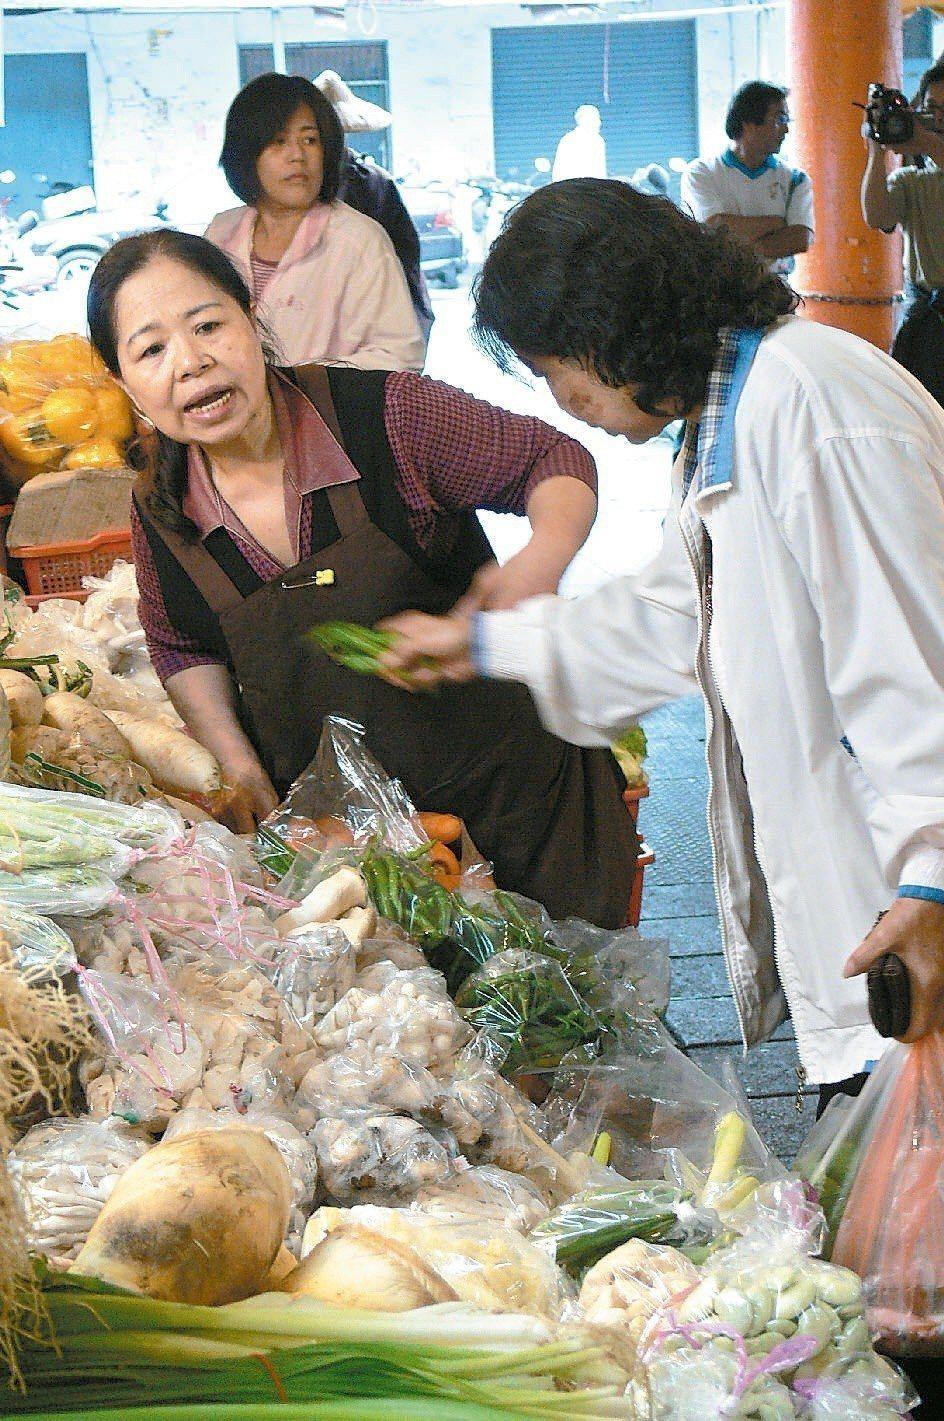 「3把50喔!」陳樹菊(左)2010年到美國領獎後回台,馬上到菜攤賣菜,熱情叫賣...